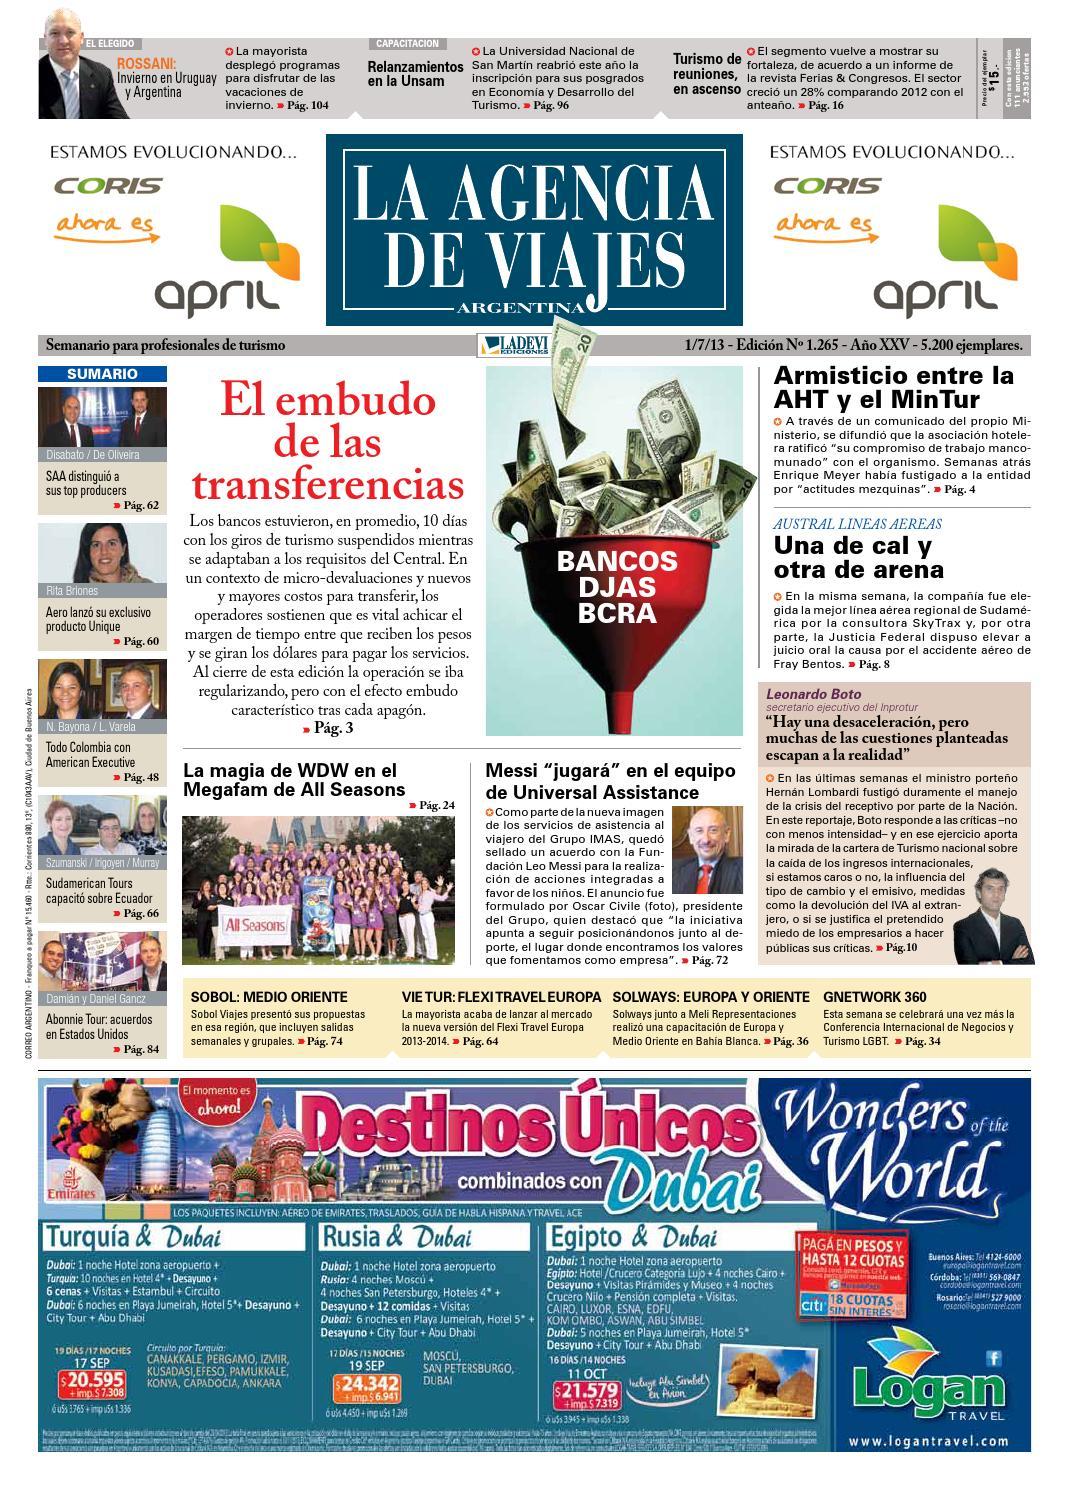 888 casino app los mejores on line de Belo Horizonte-536699